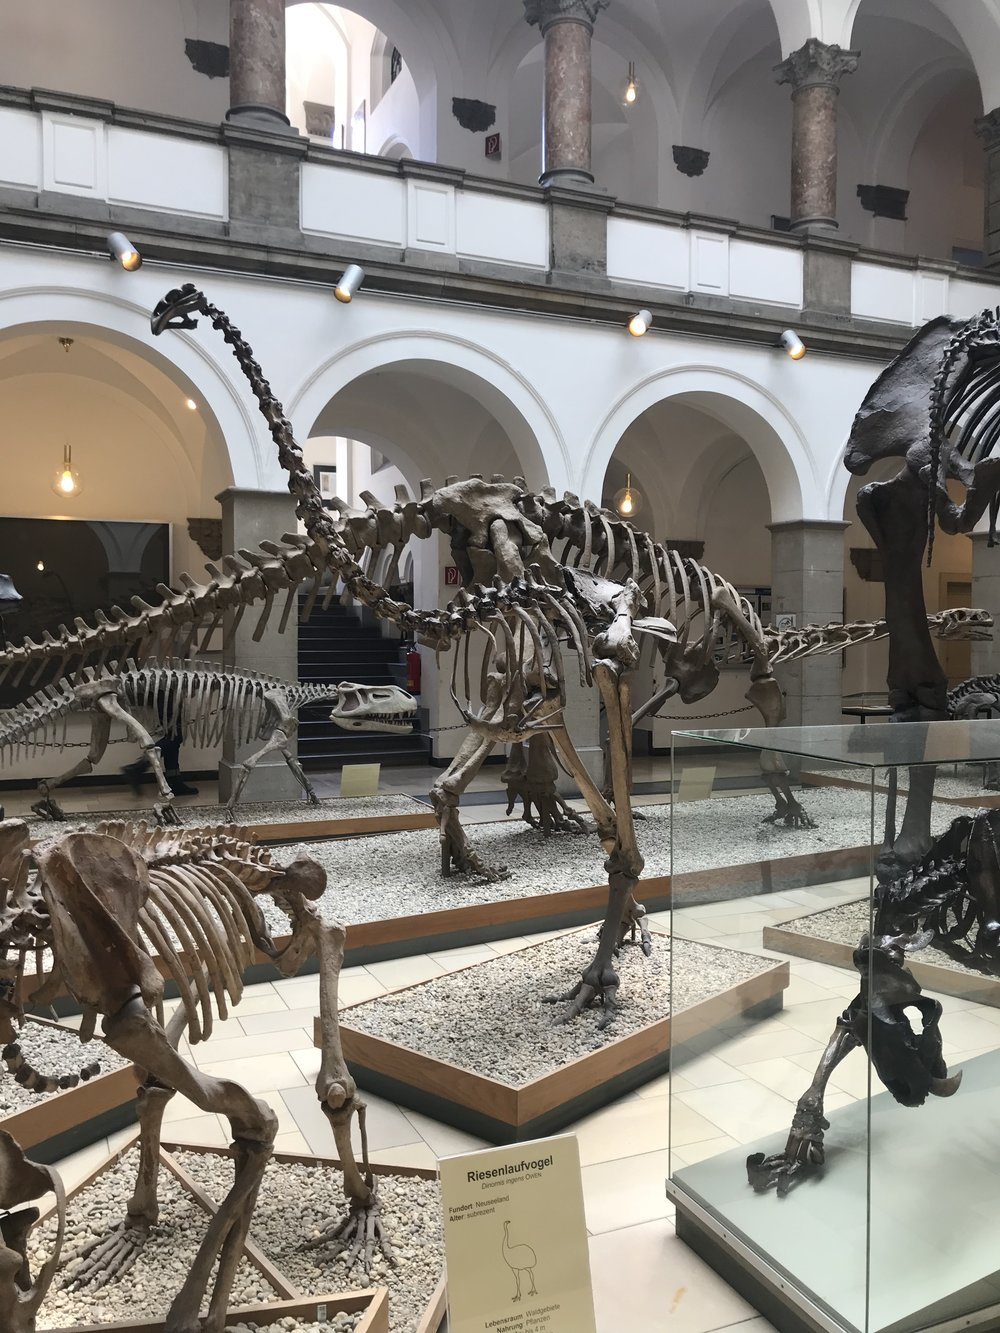 Dinornis ingens  | Credit: Talita Bateman